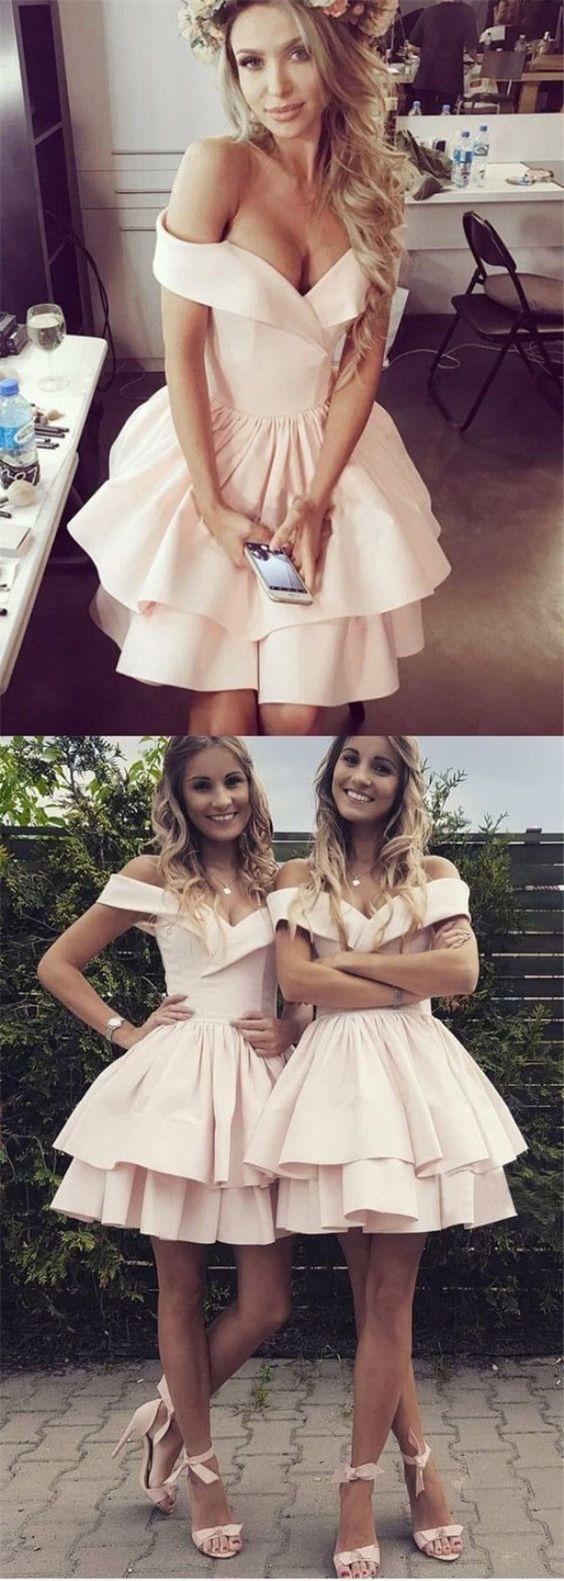 Aline offtheshoulder aboveknee pink tiered homecoming dress